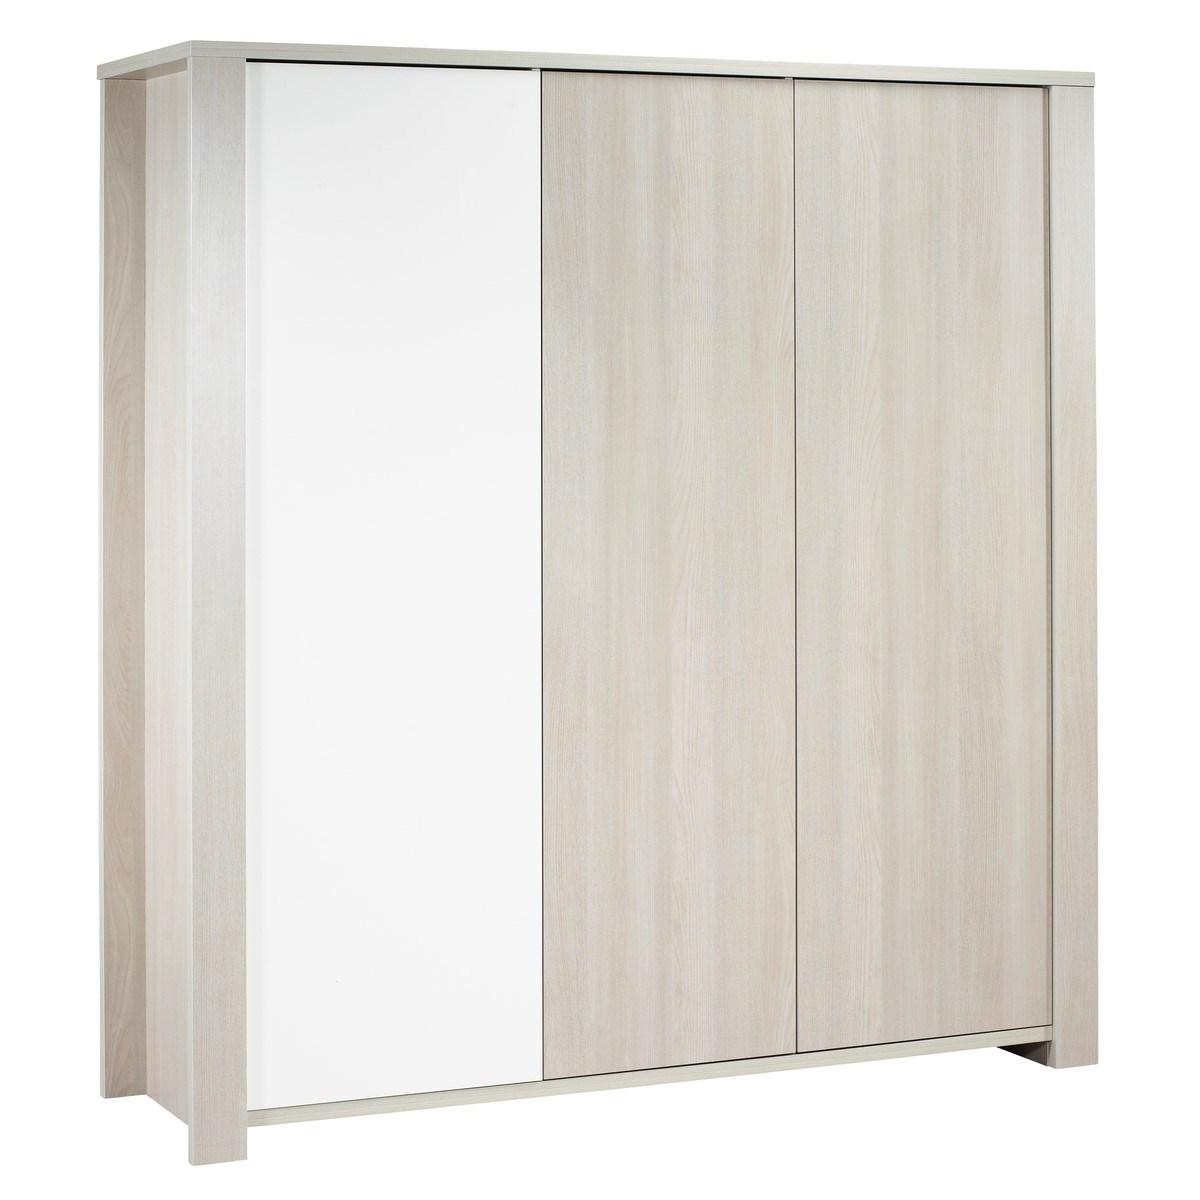 Armoire 3 portes en bois beige